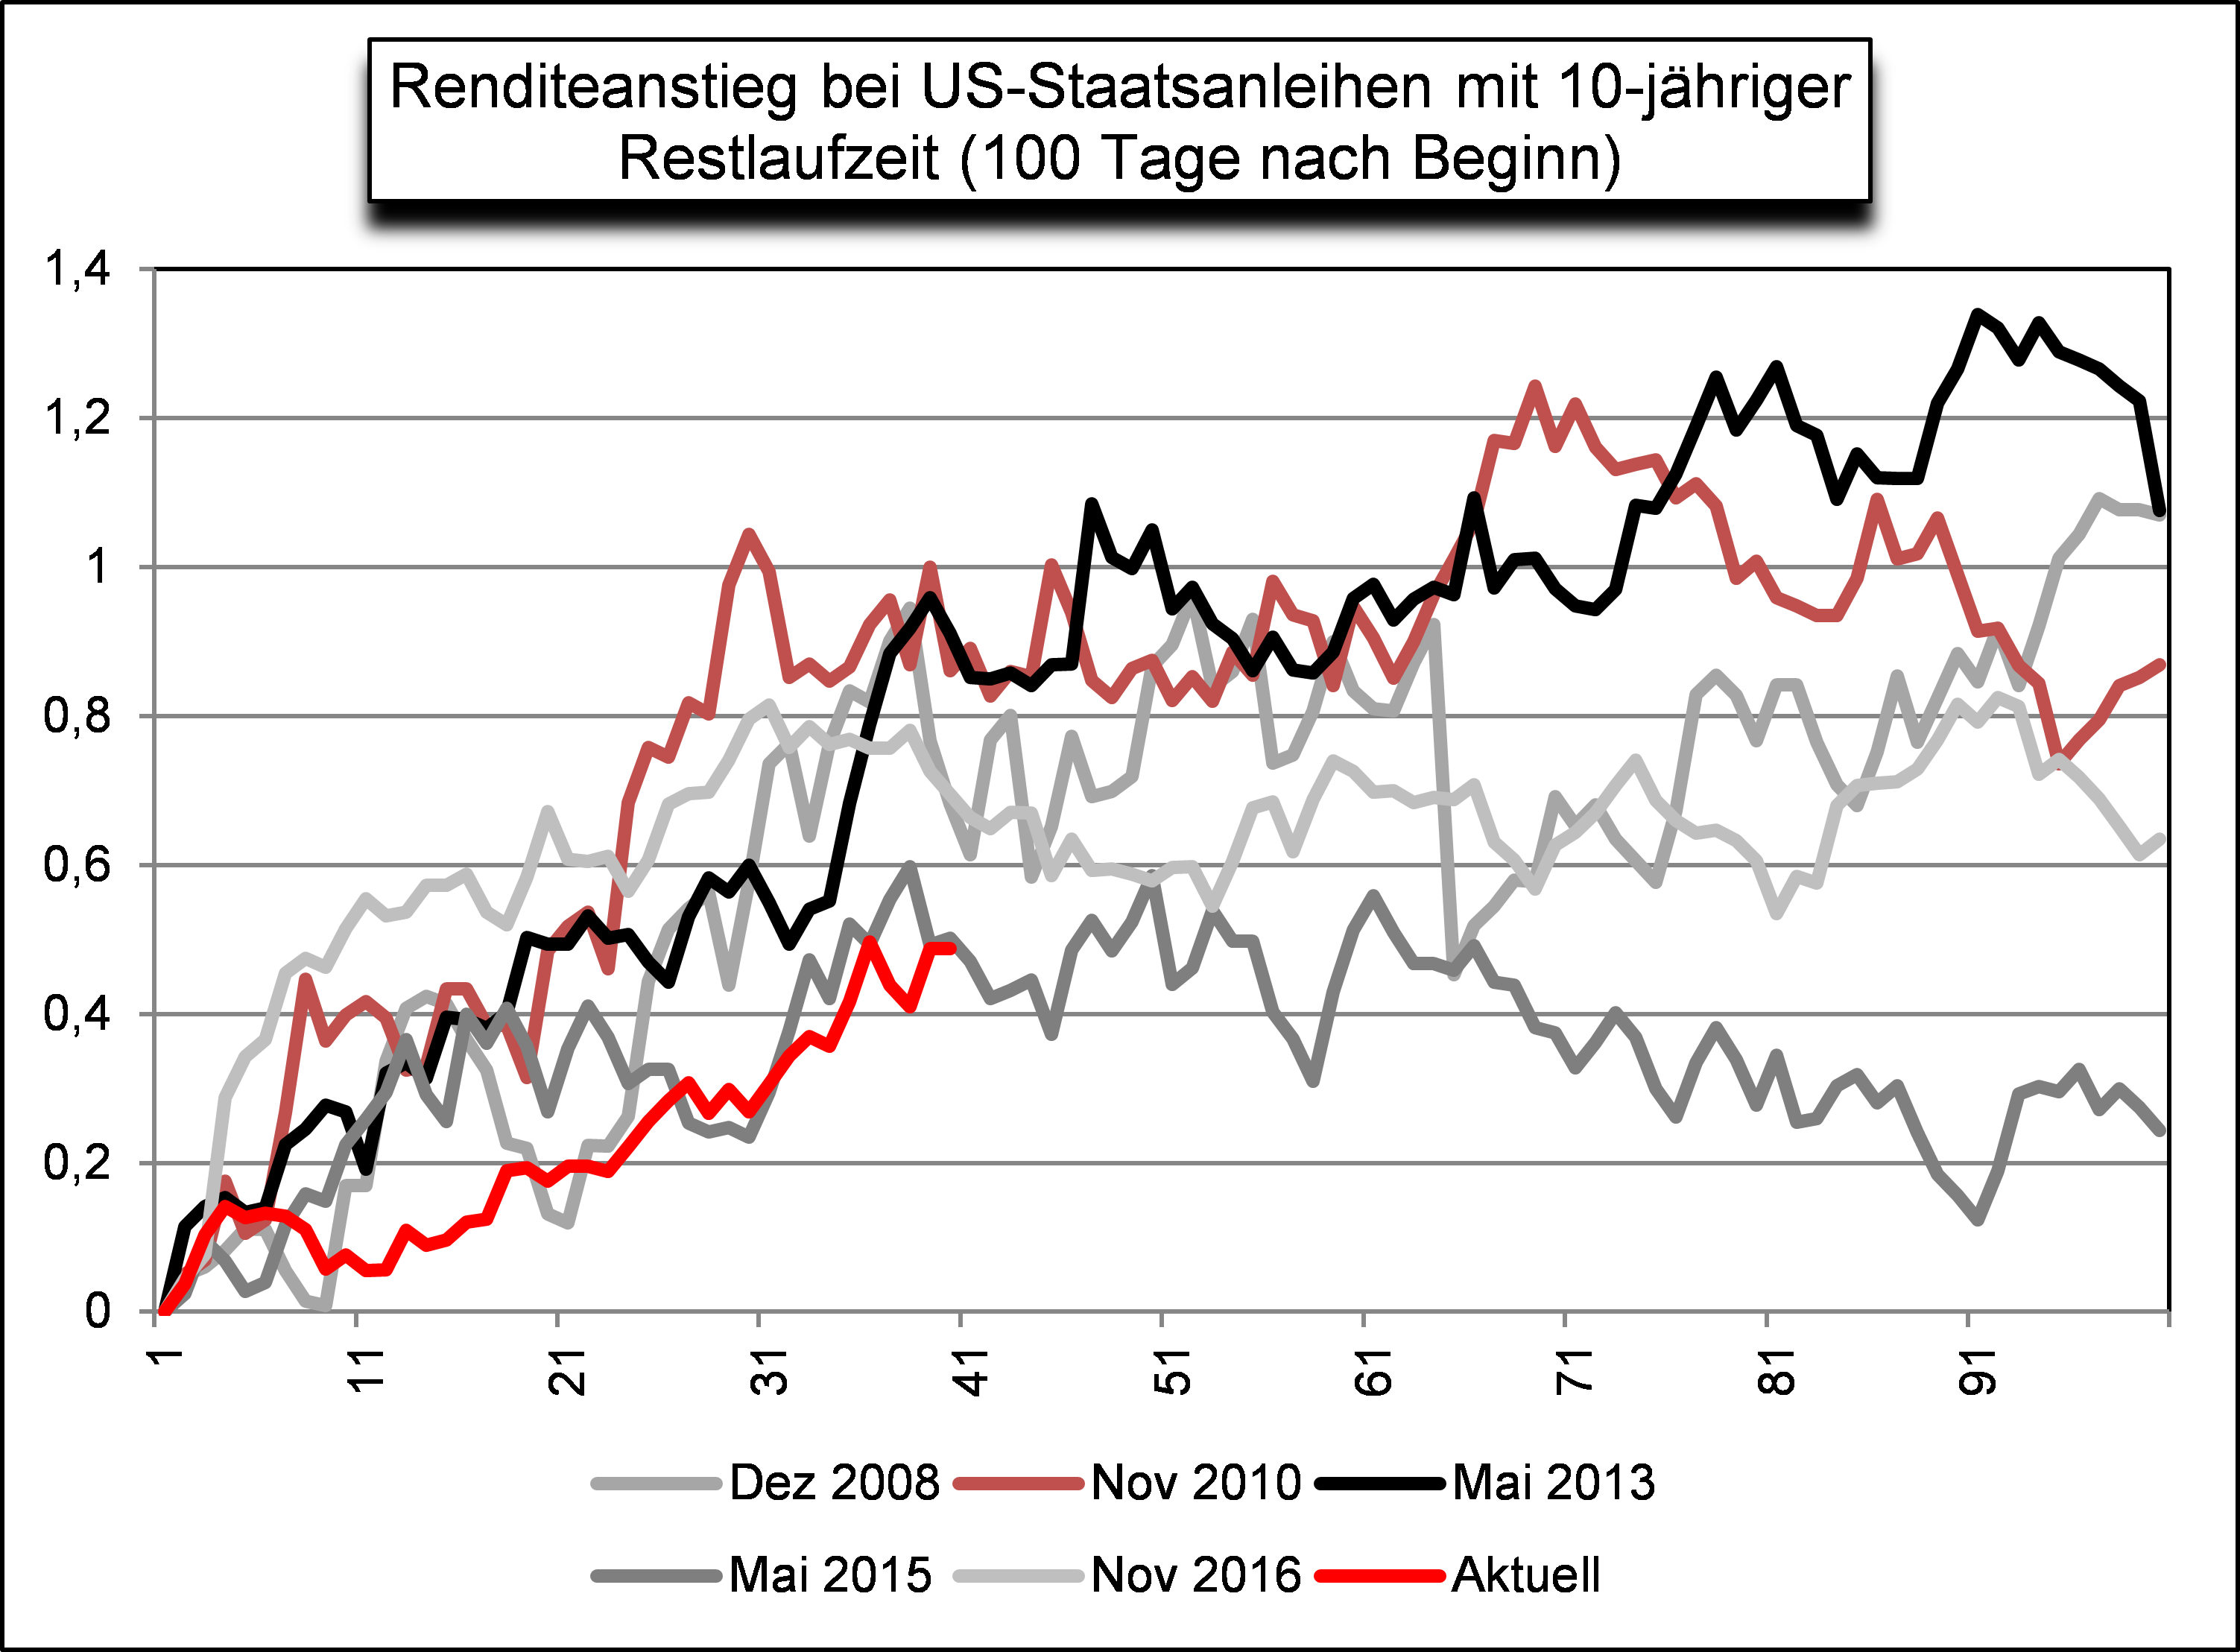 Renditeanstieg bei US-Staatsanleihen mit 10-jähriger Restlaufzeit (100 Tage nach Beginn)